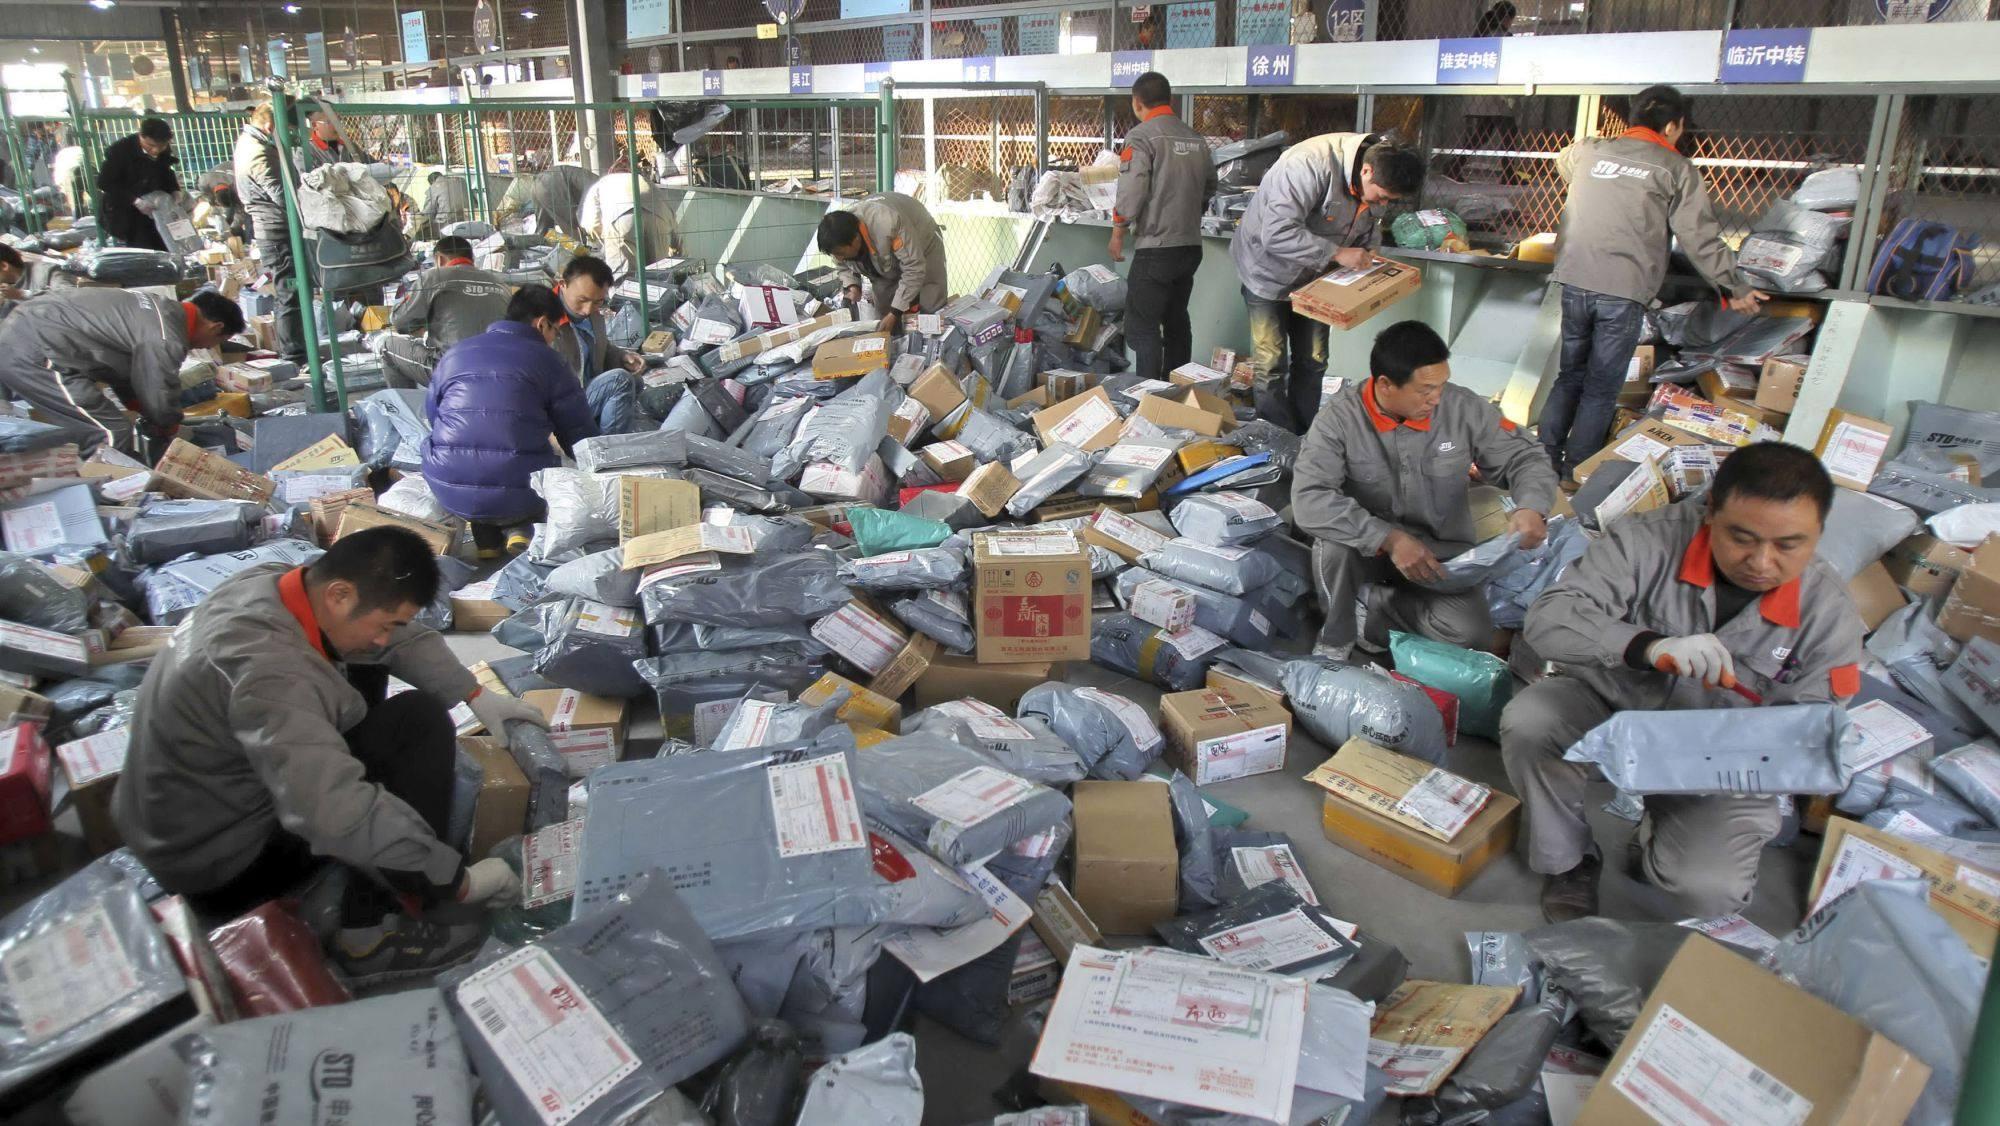 Сортировка посылок в логистическом центре Alibaba